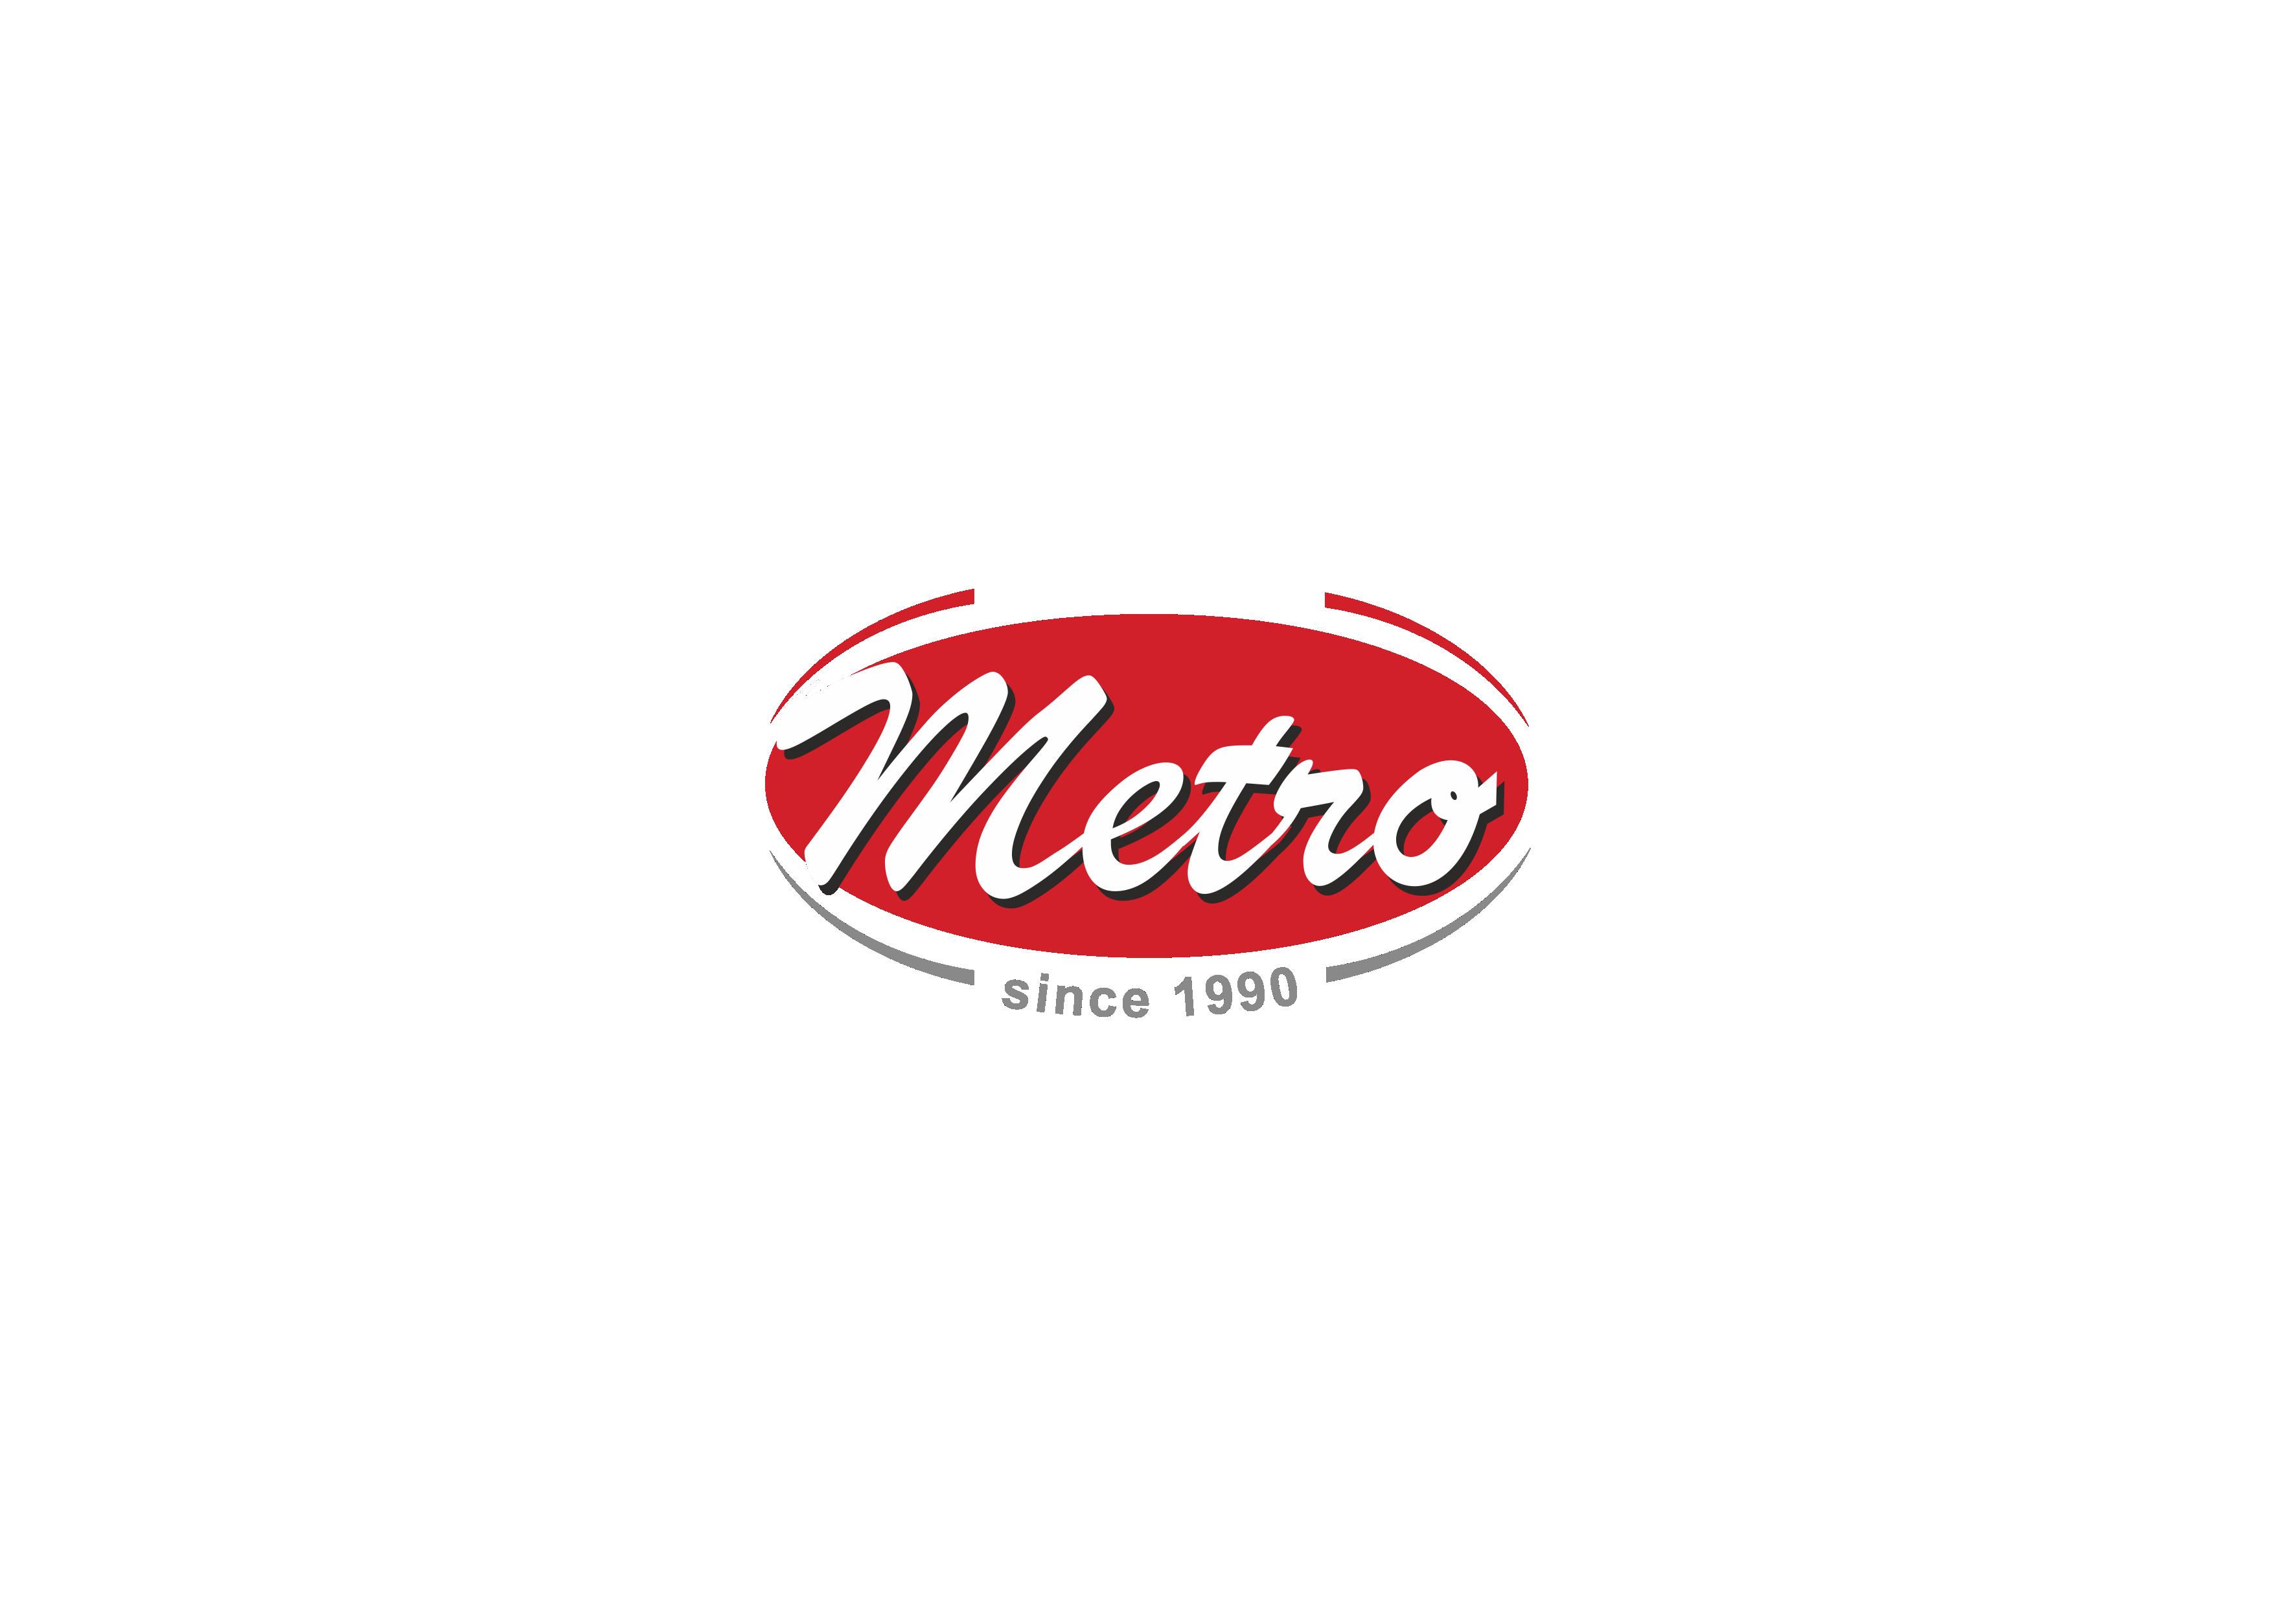 obuca-metro